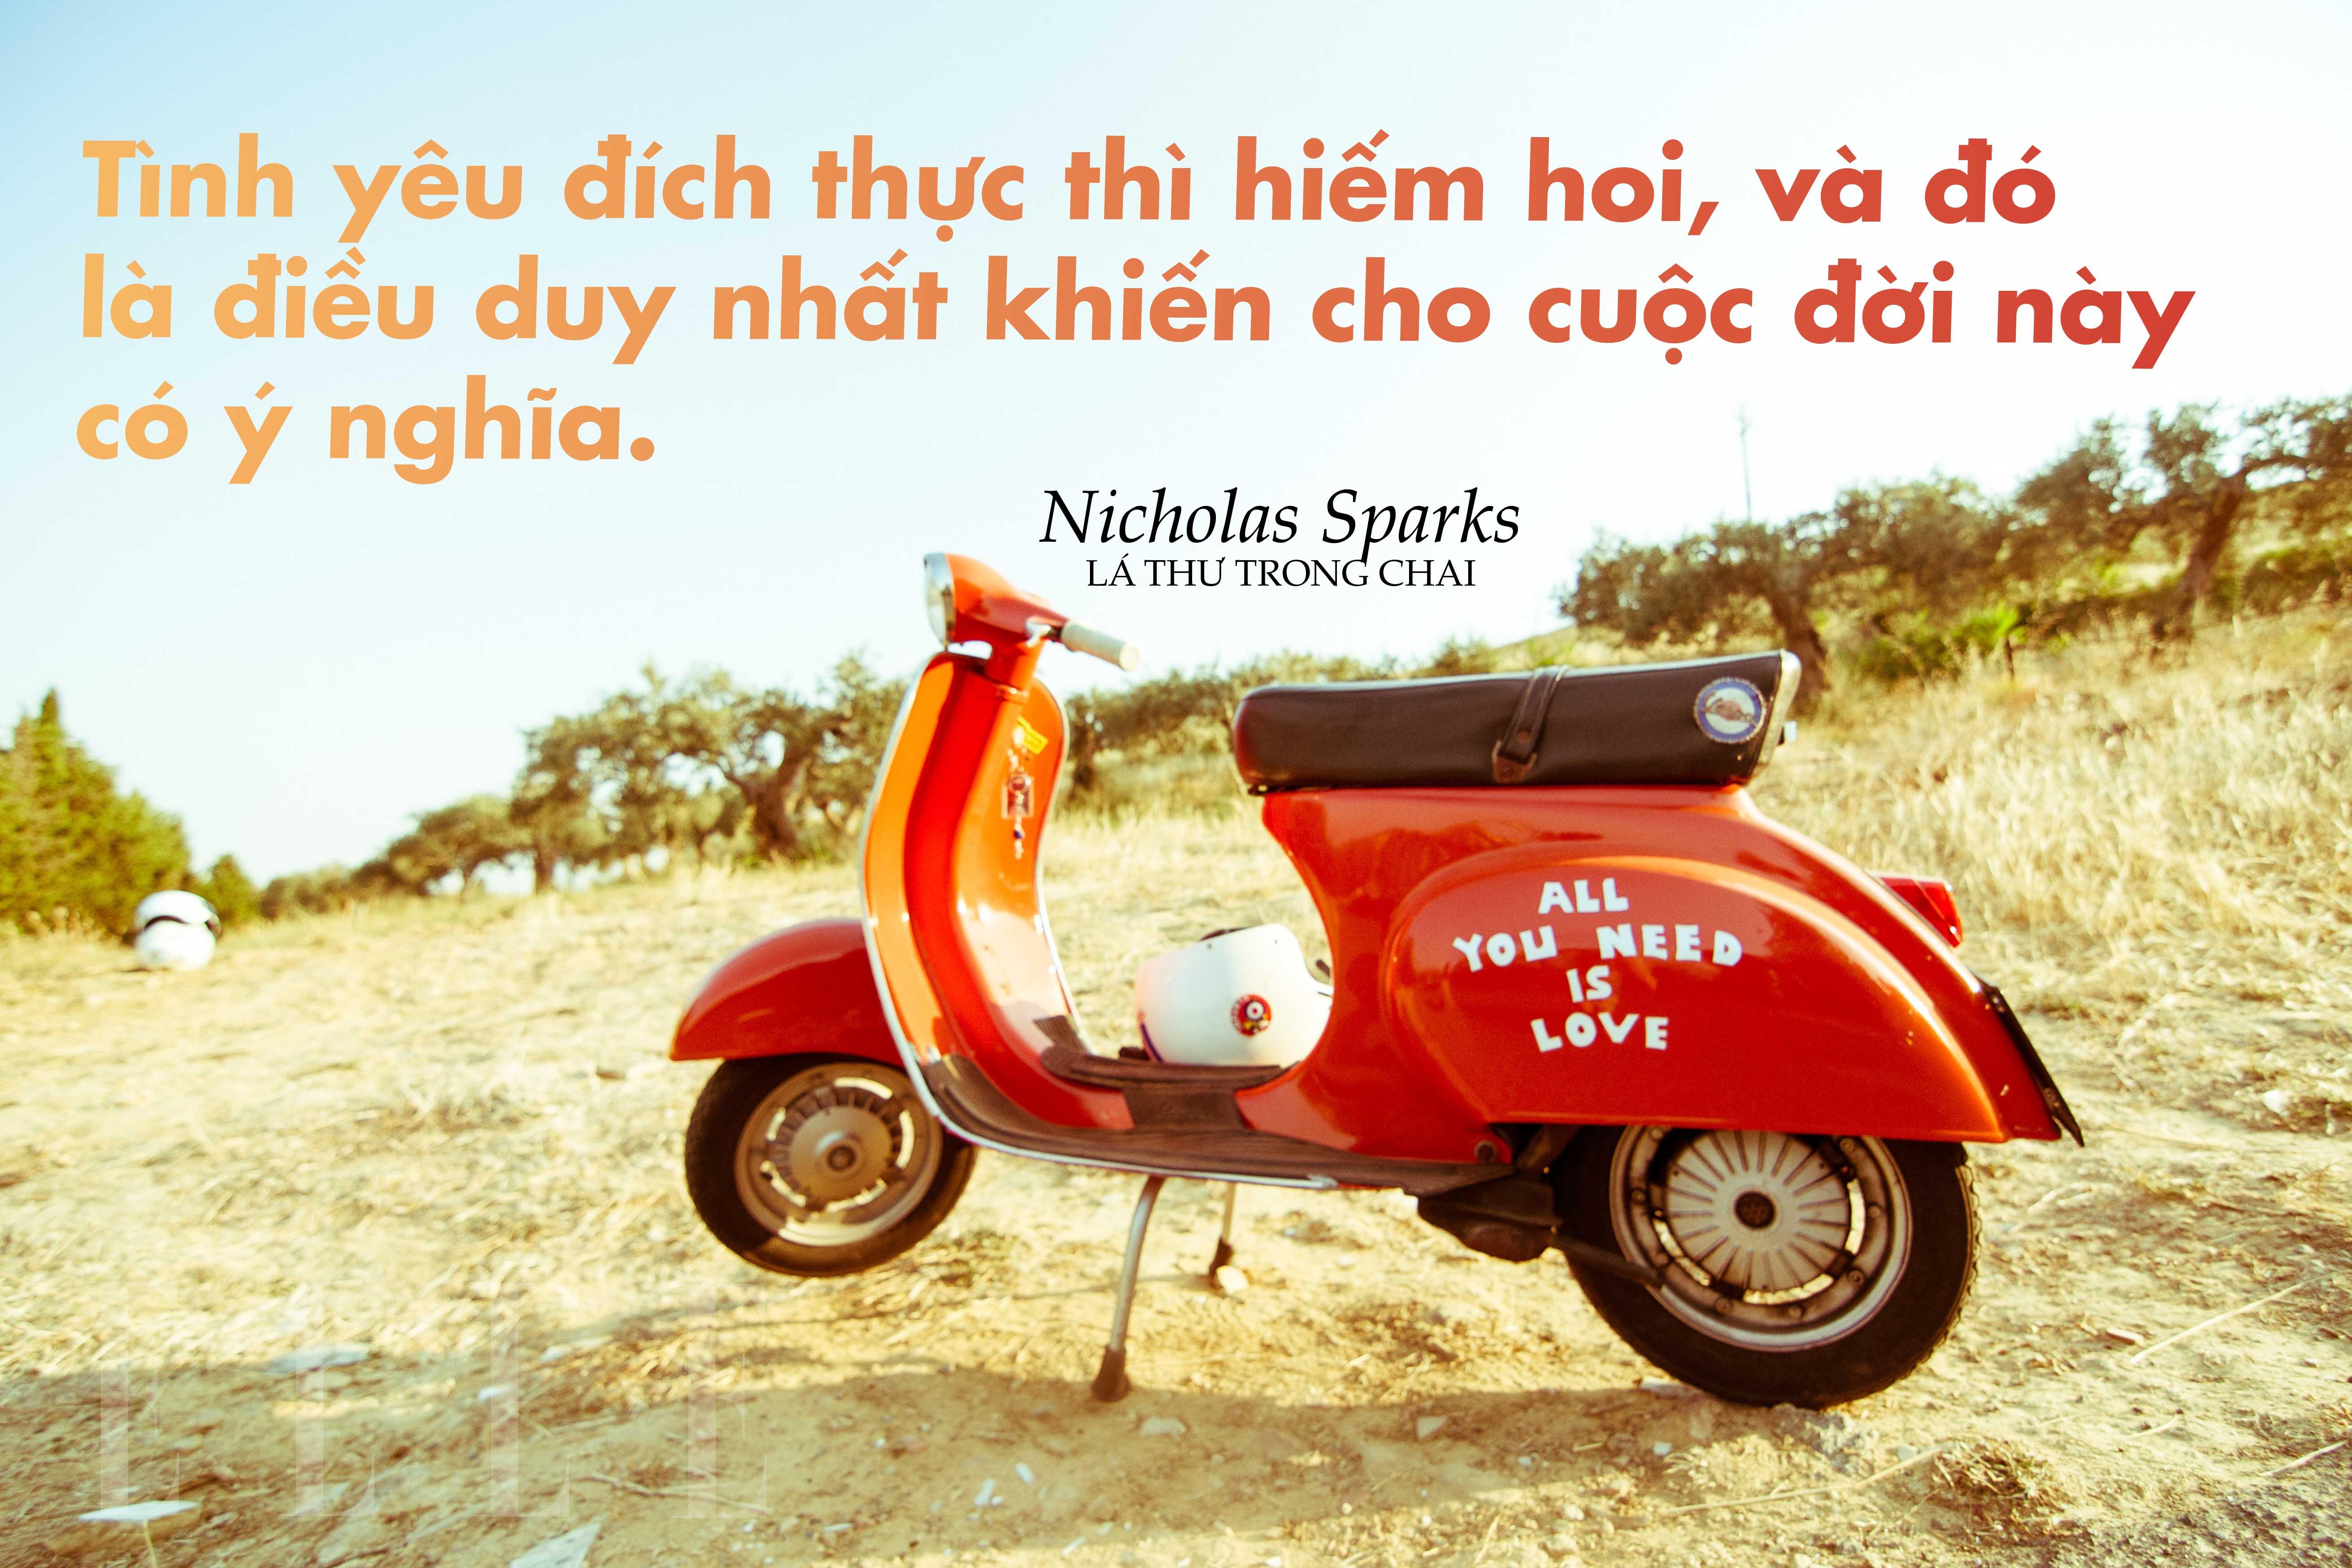 Nicholas Sparks 5